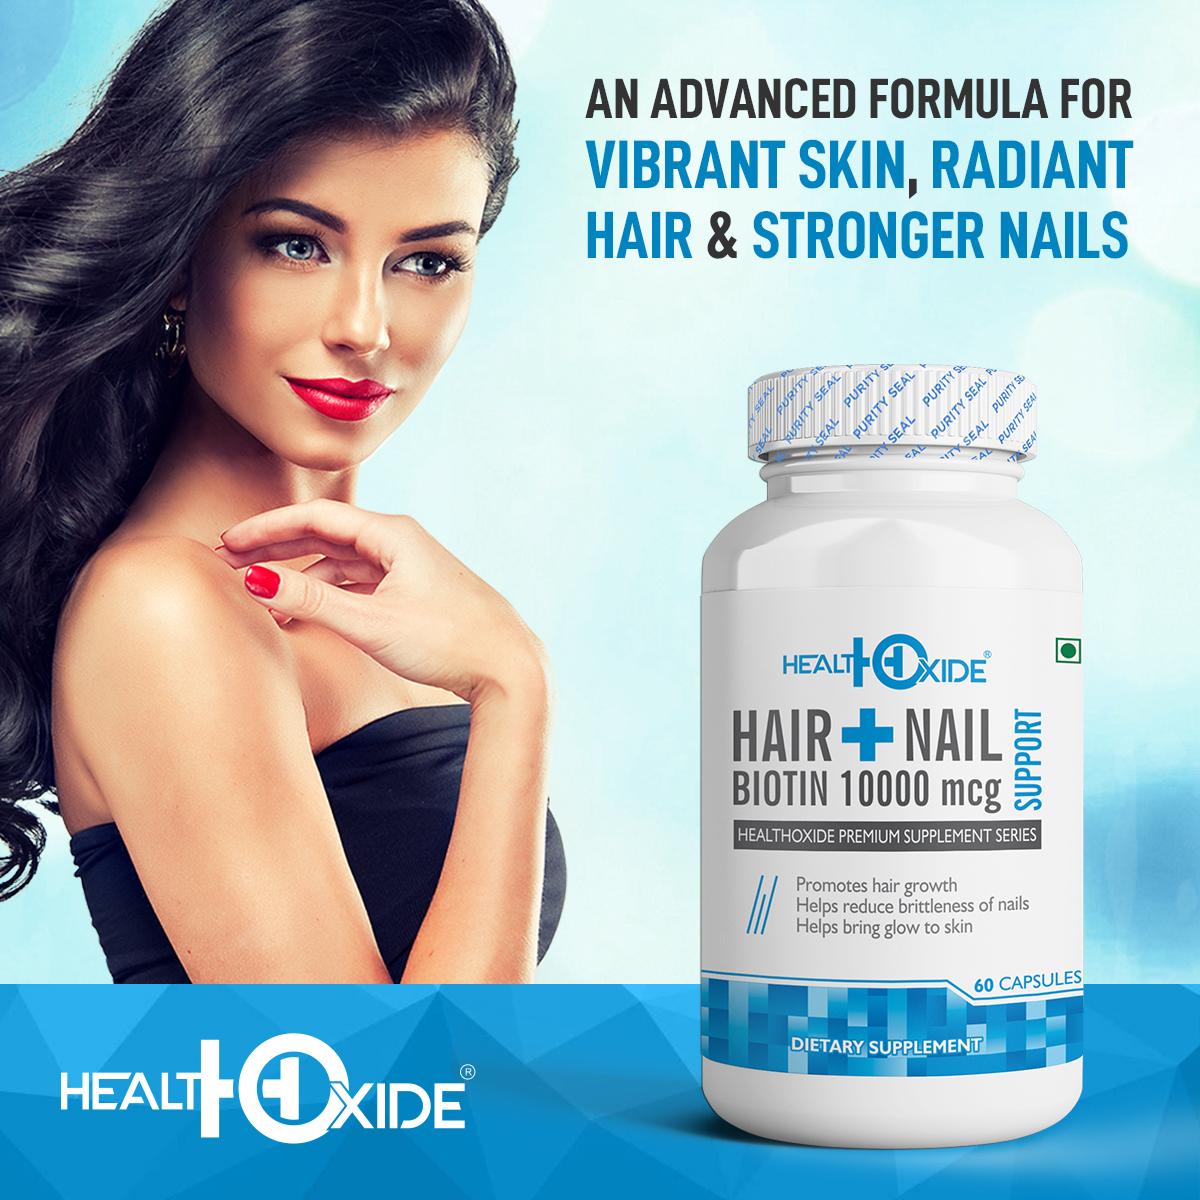 Hair + Nail + Biotin